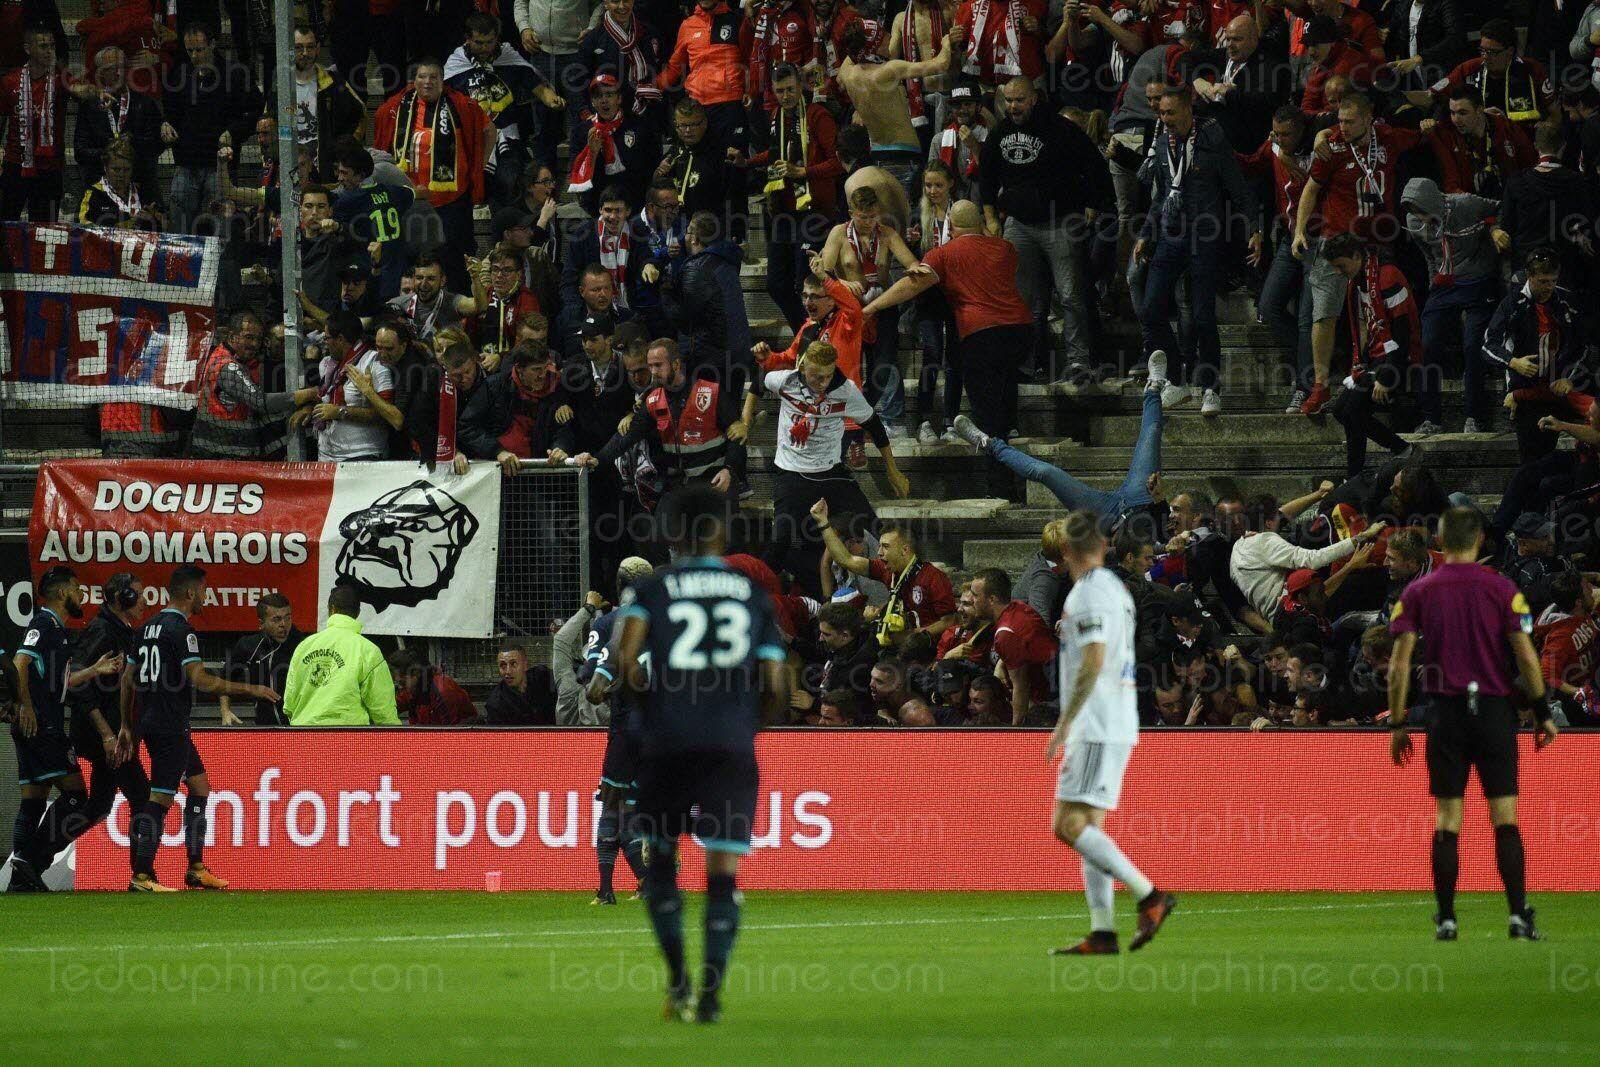 Во Франции во время футбола рухнула трибуна: есть пострадавшие